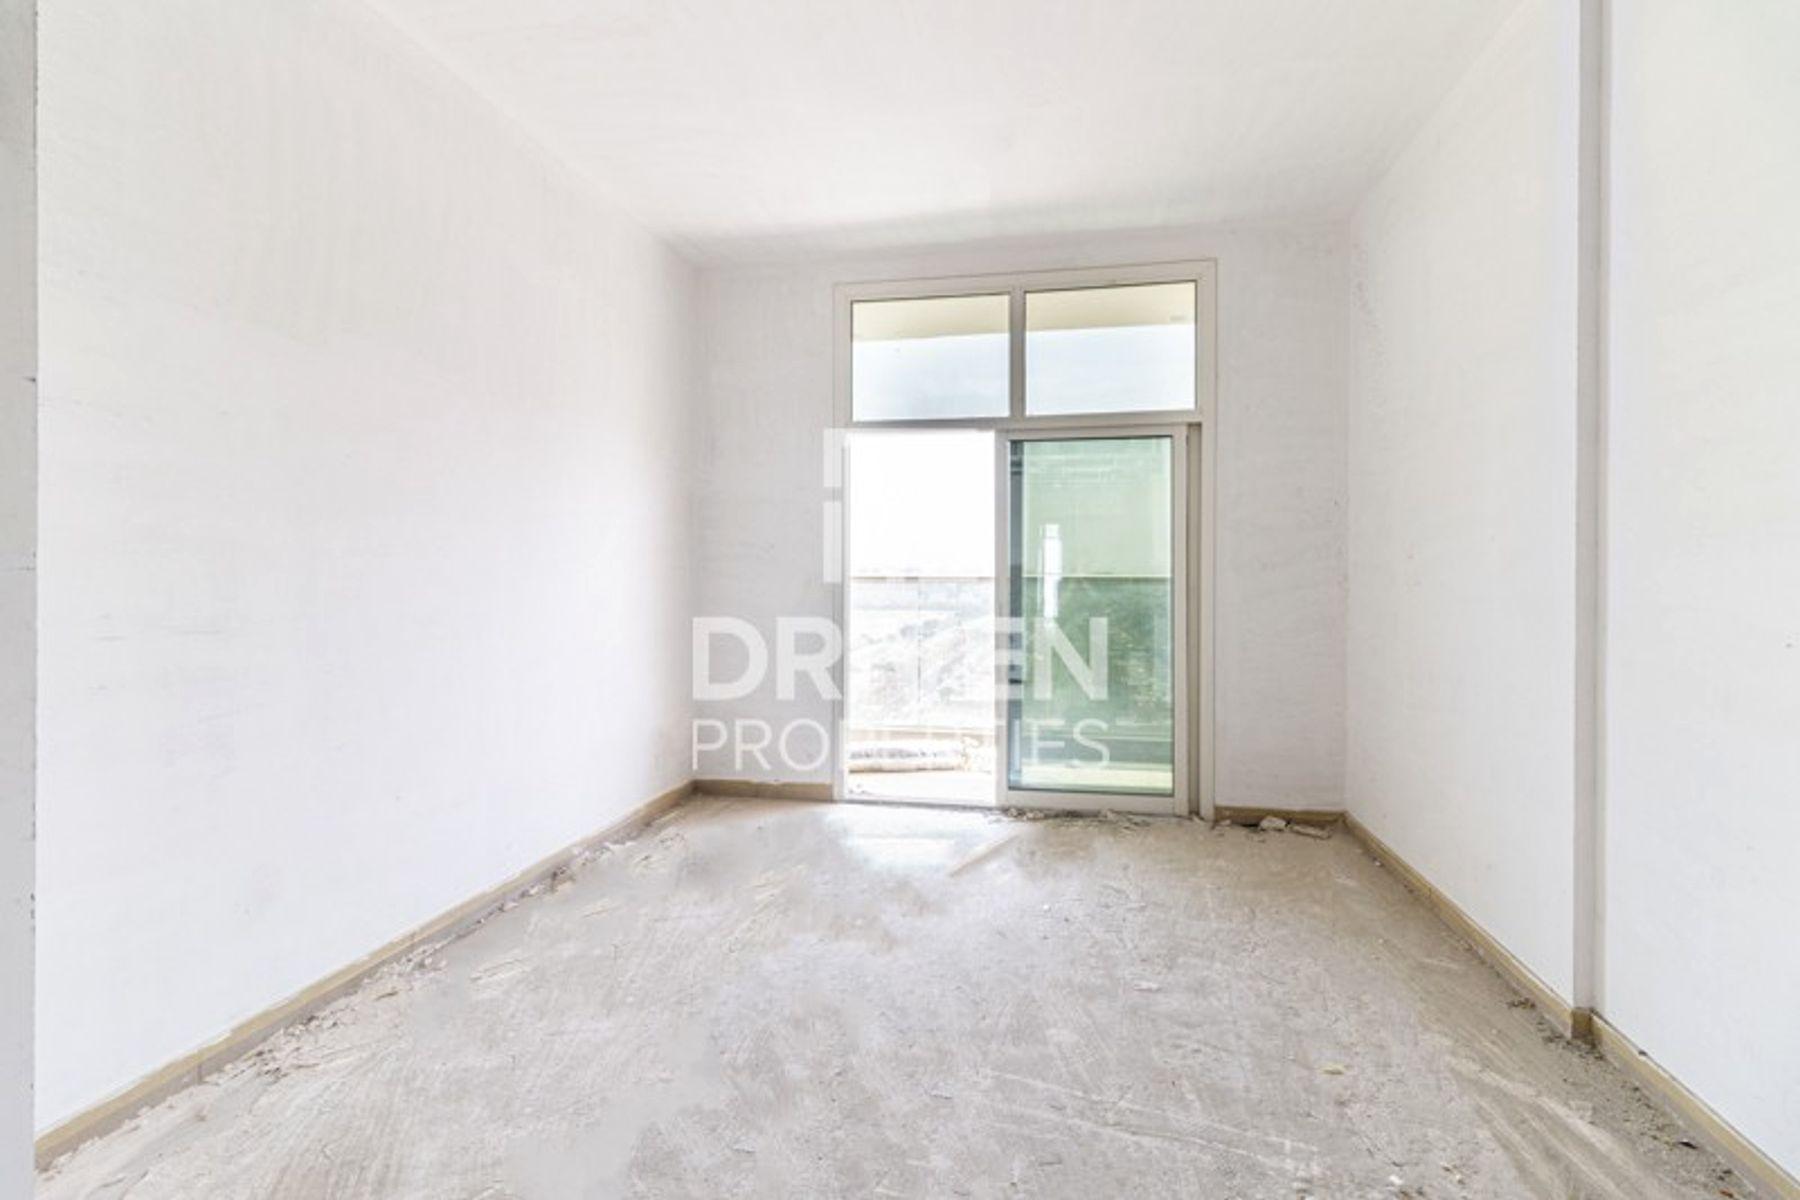 390 قدم مربع  ستوديو - للبيع - الفرجان